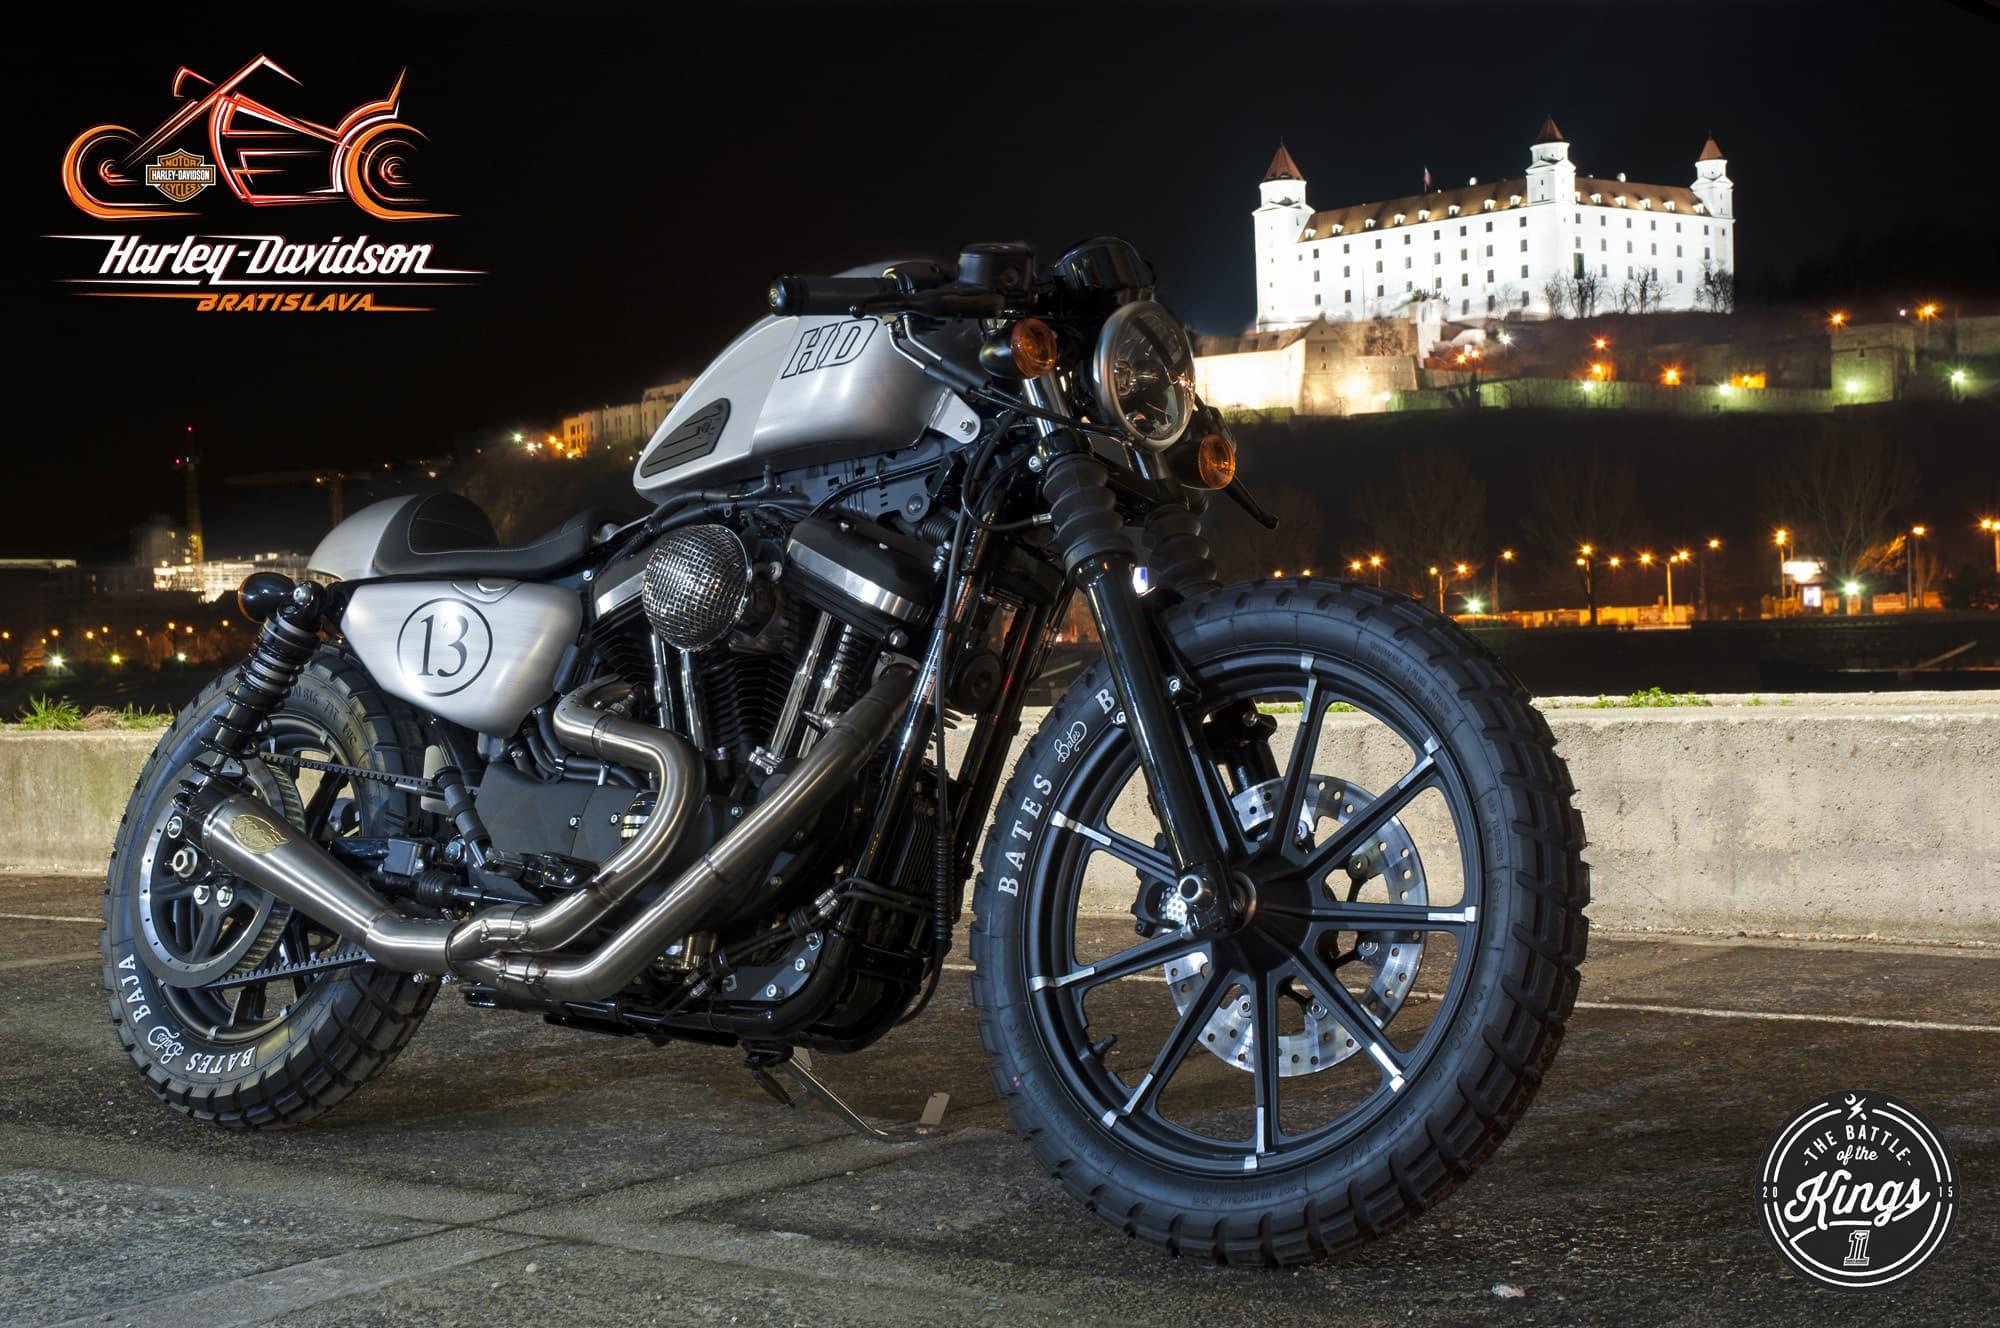 903b6bfcc Vyberte kráľa customov Harley-Davidson! Battle of the Kings 2016 štartuje.  - GREGI.NET   Multikultúrny portál